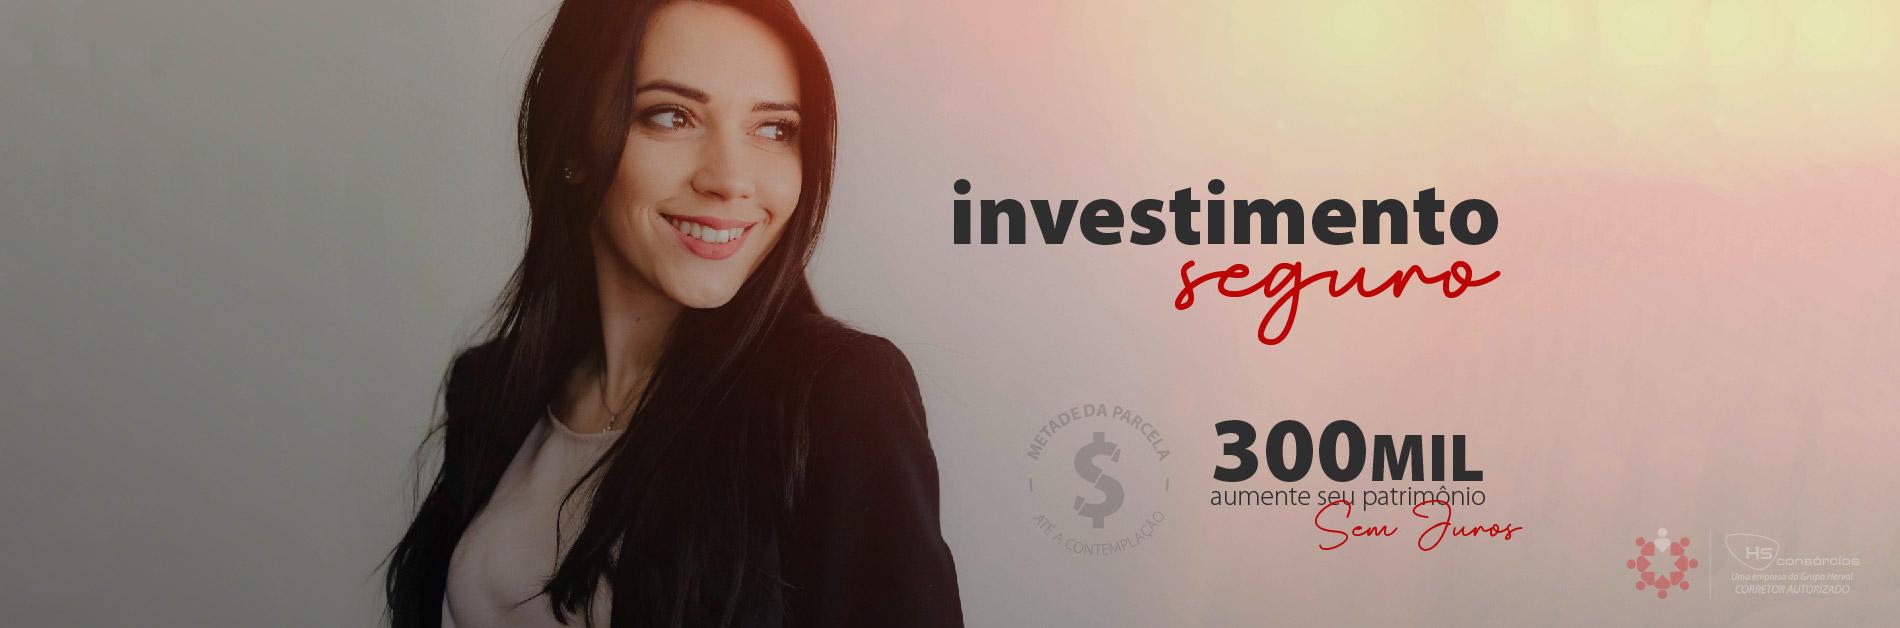 Investimento Imobiliário Sem Juros, Lidercon Consórcios